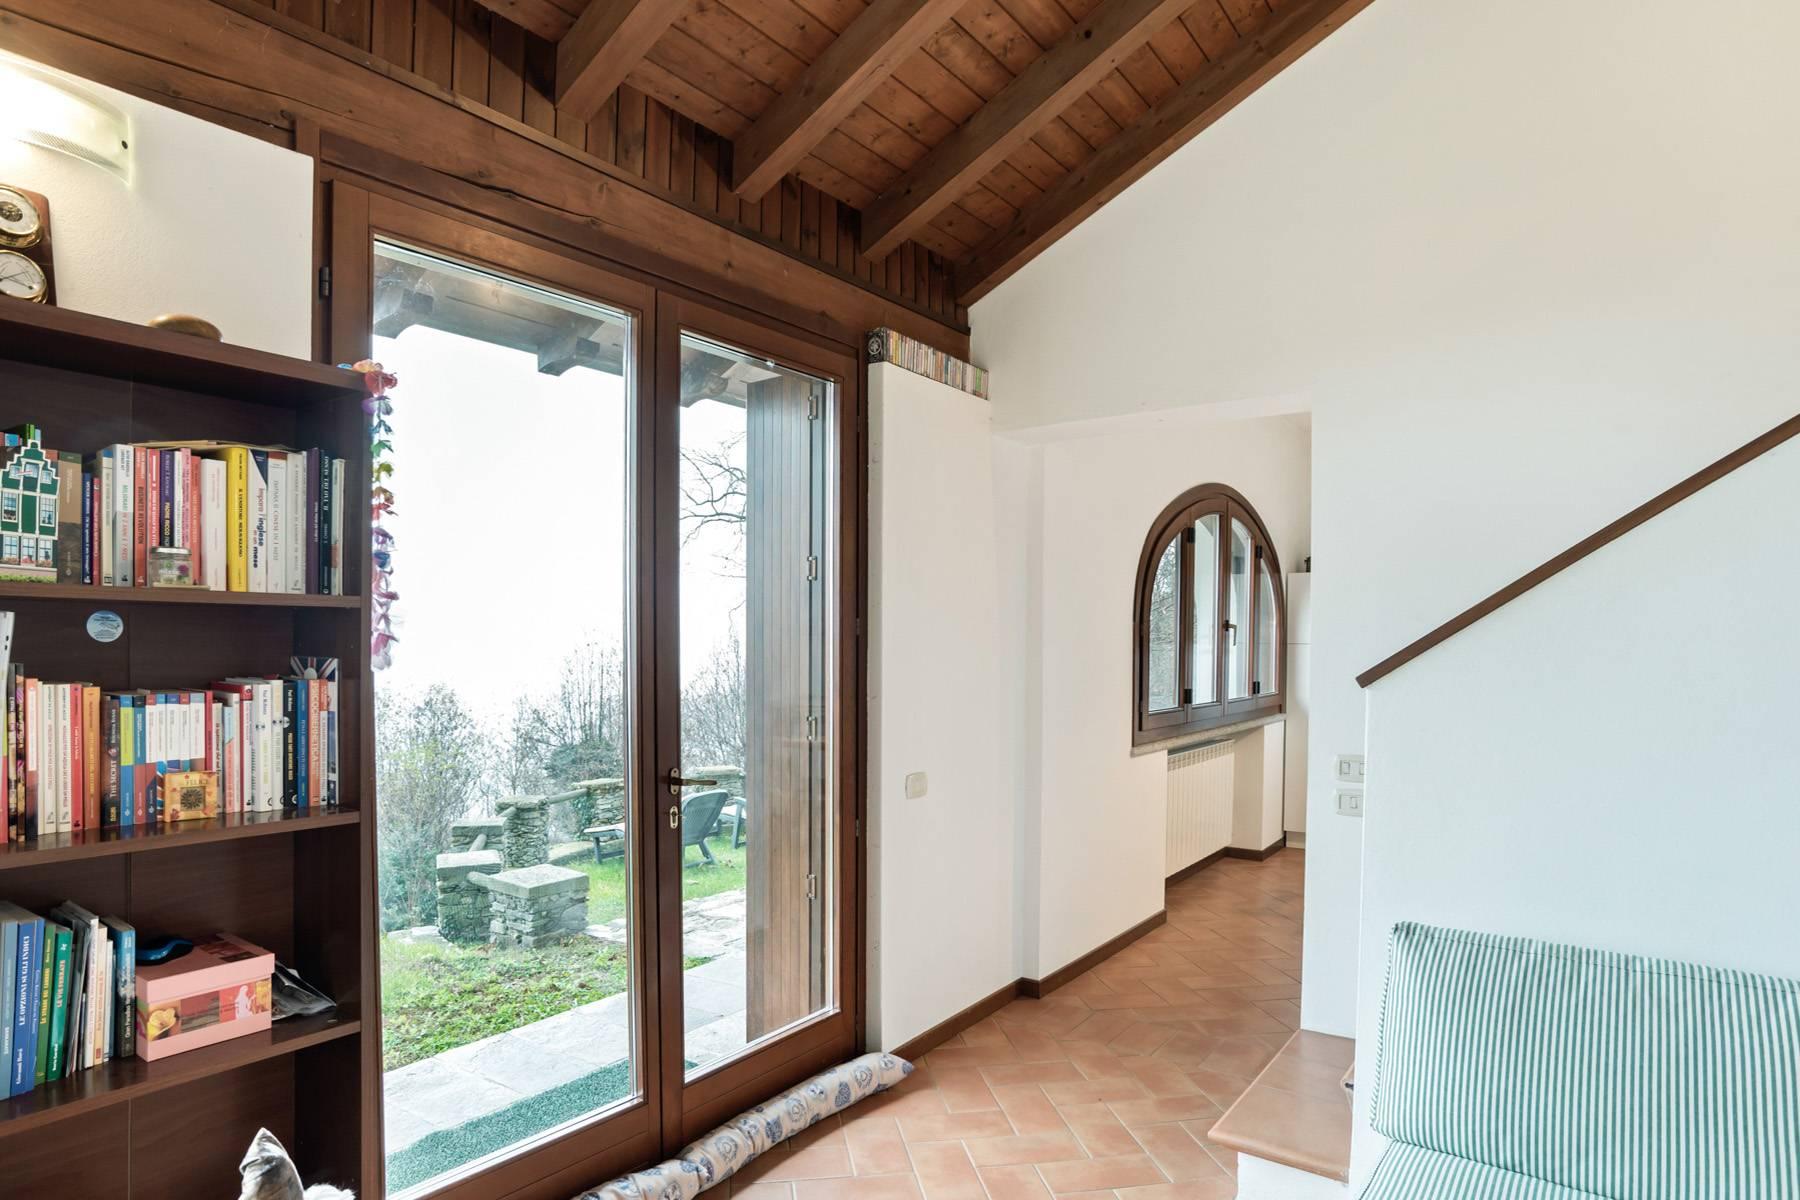 Villa in Vendita a Massino Visconti: 5 locali, 200 mq - Foto 5